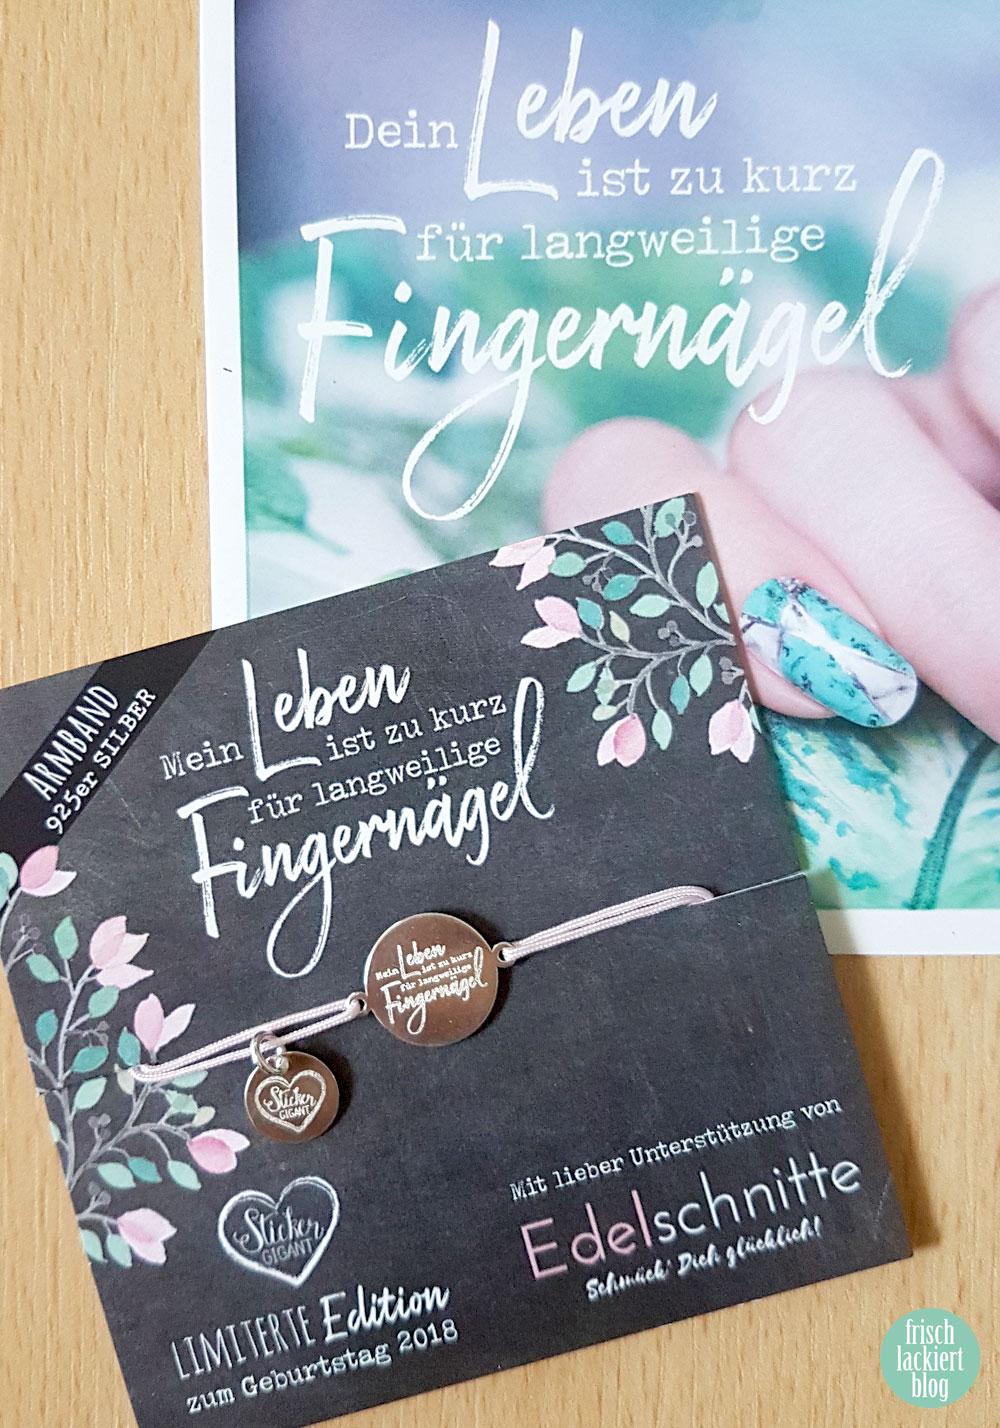 Armband von edelschnitte zum Geburtstag von Sticker Gigant - limited edition – by frischlackiert